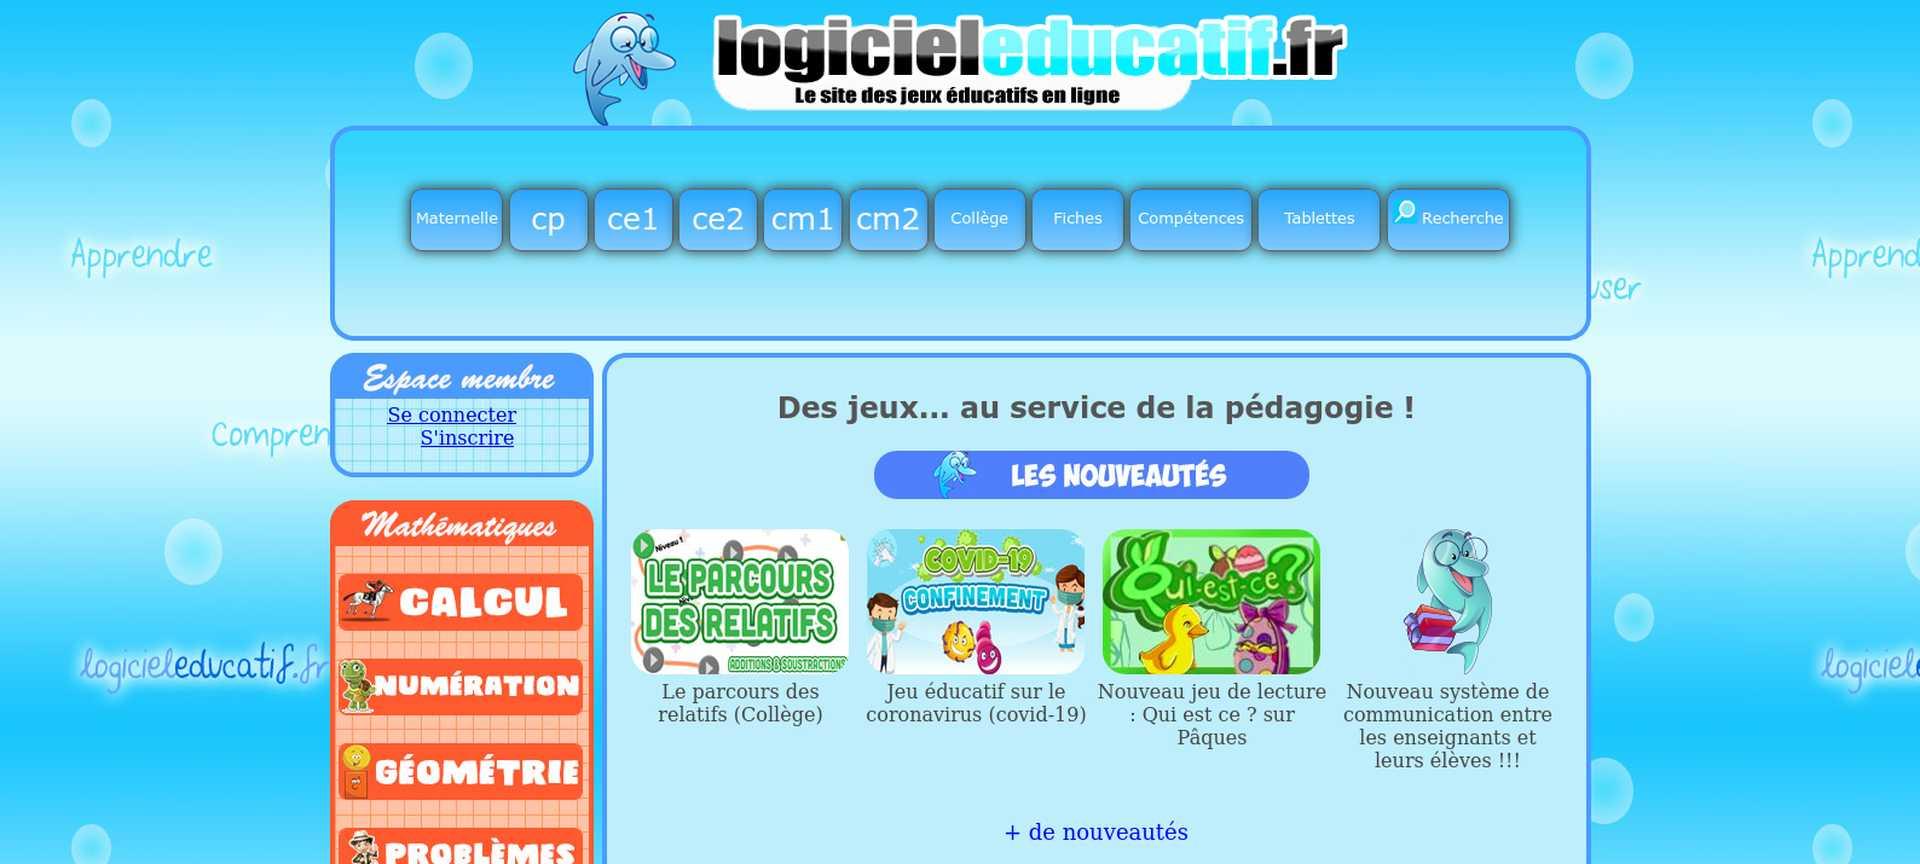 Images jeux éducatifs